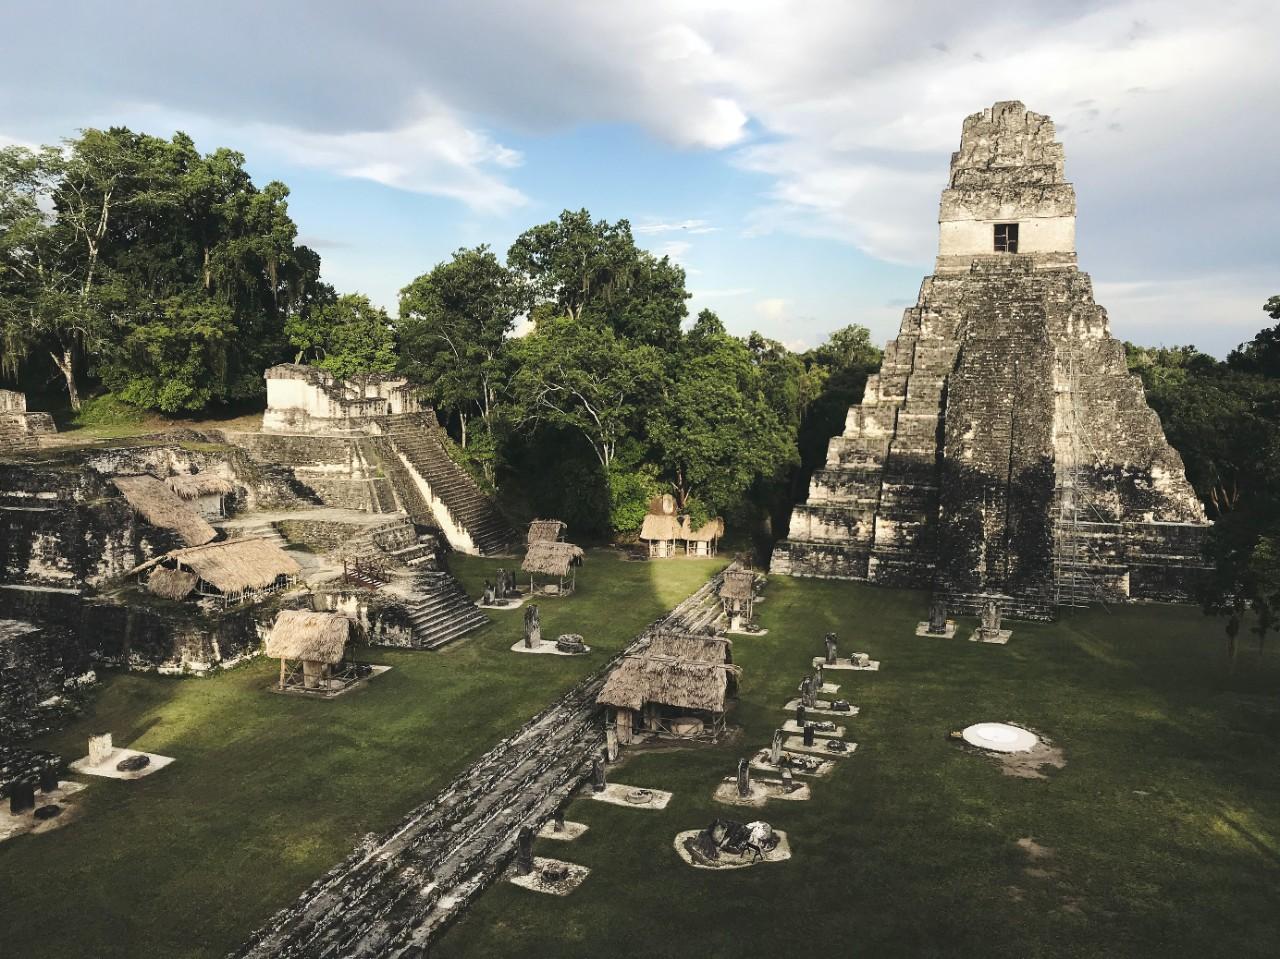 The ancient Maya city of Tikal.